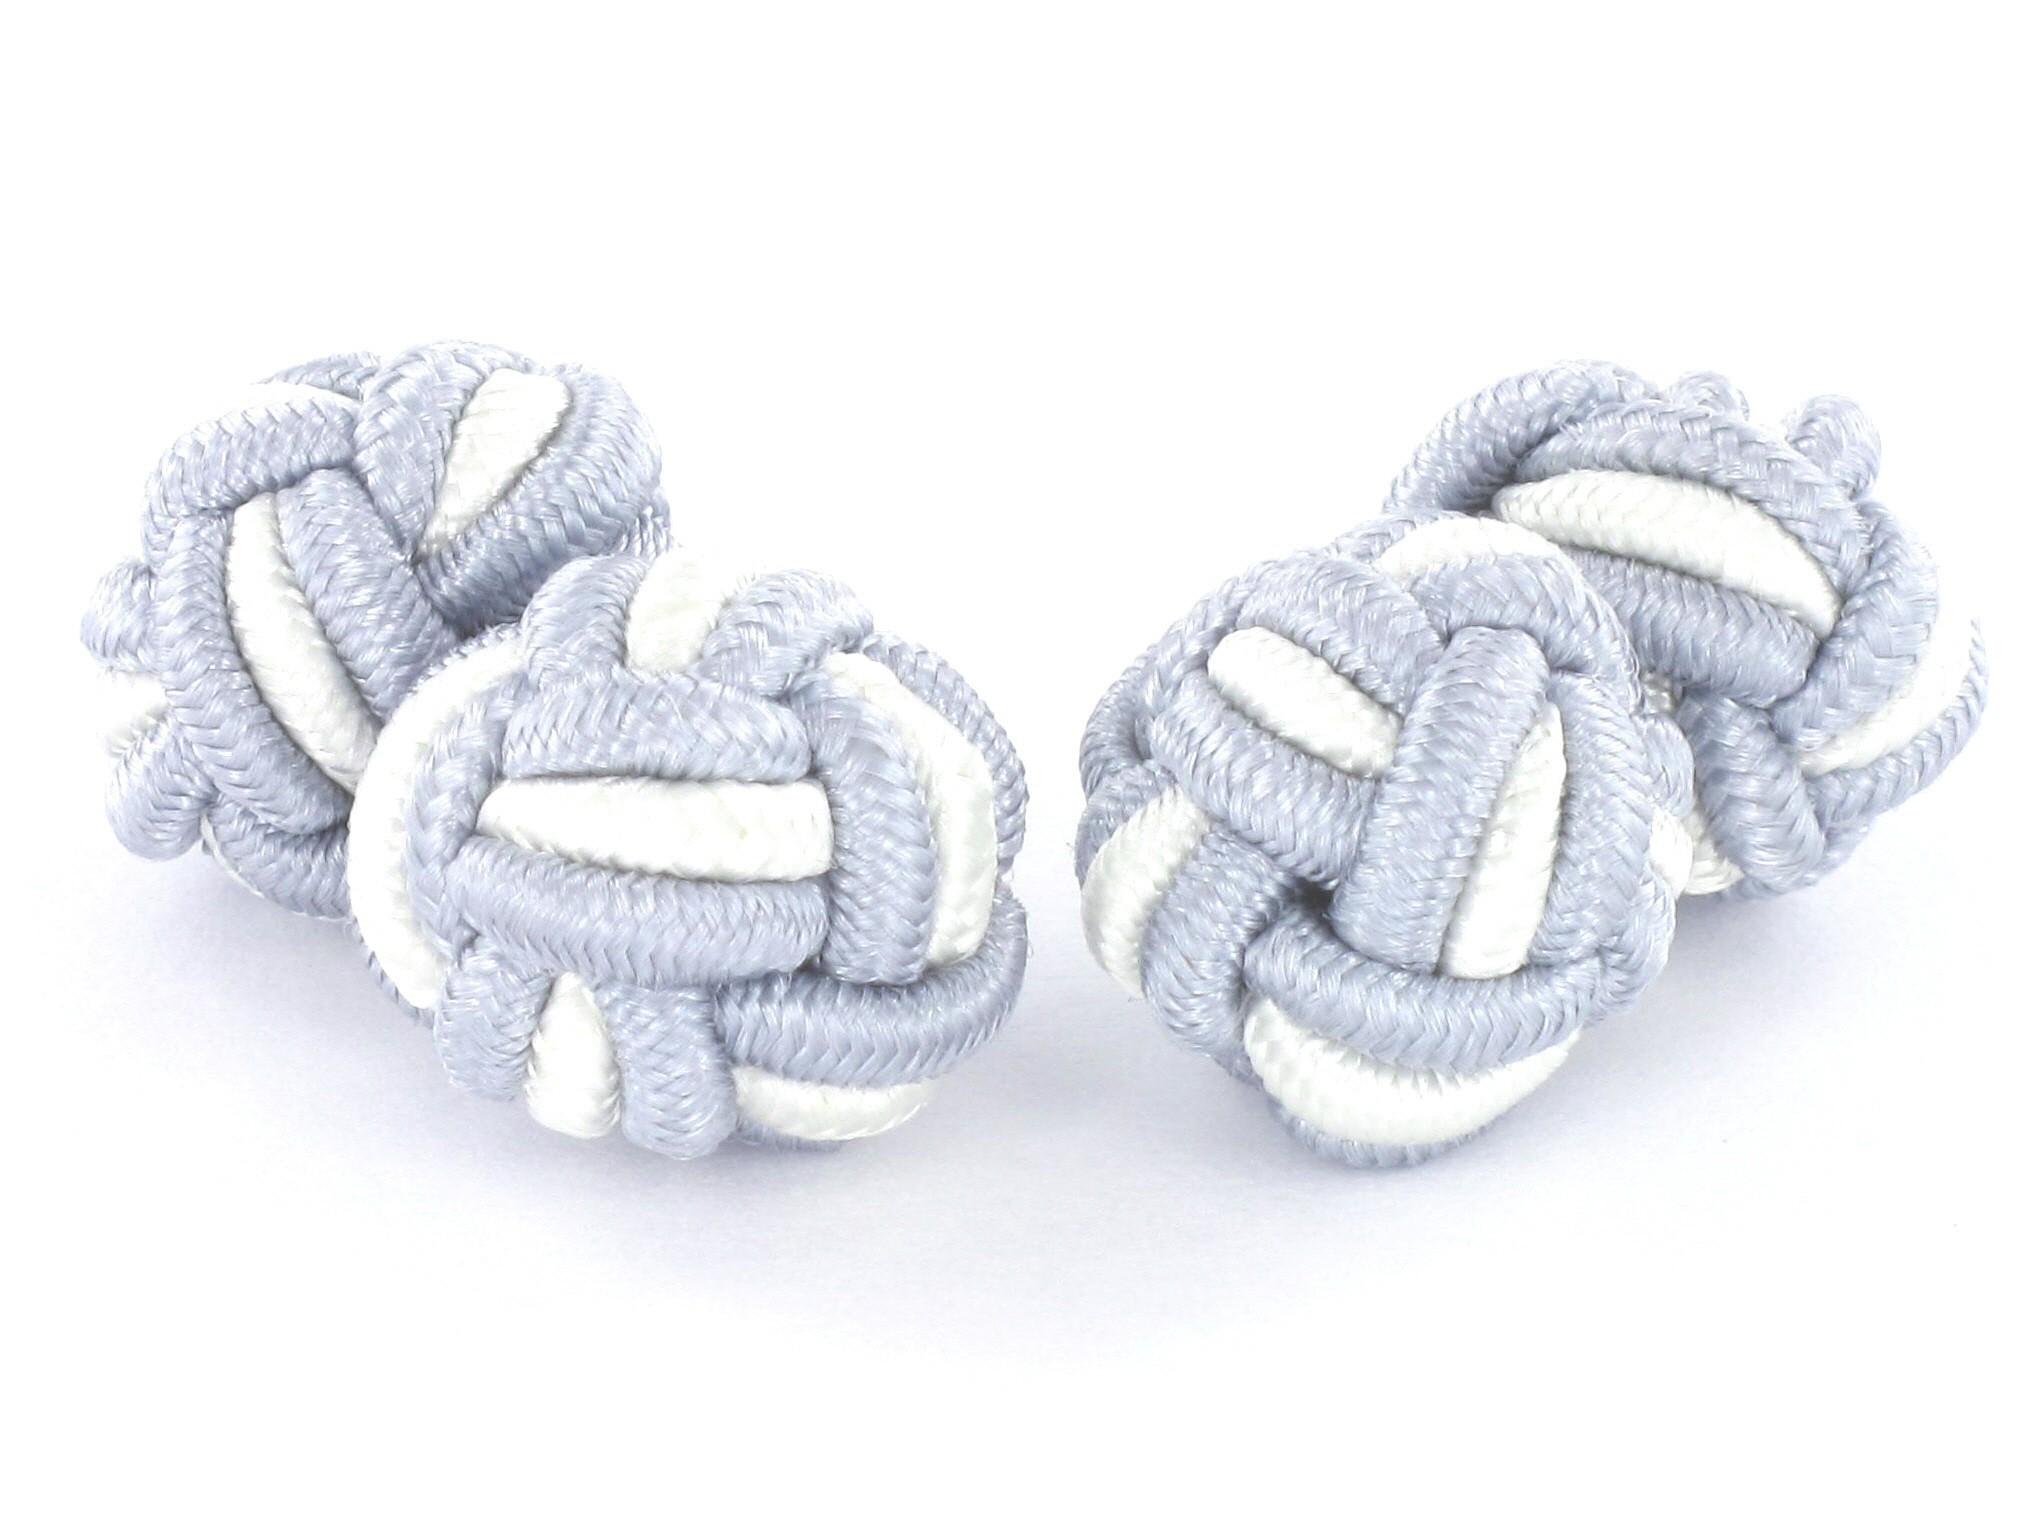 TEROON Manschettenknöpfe Seidenknoten silbergrau-weiß